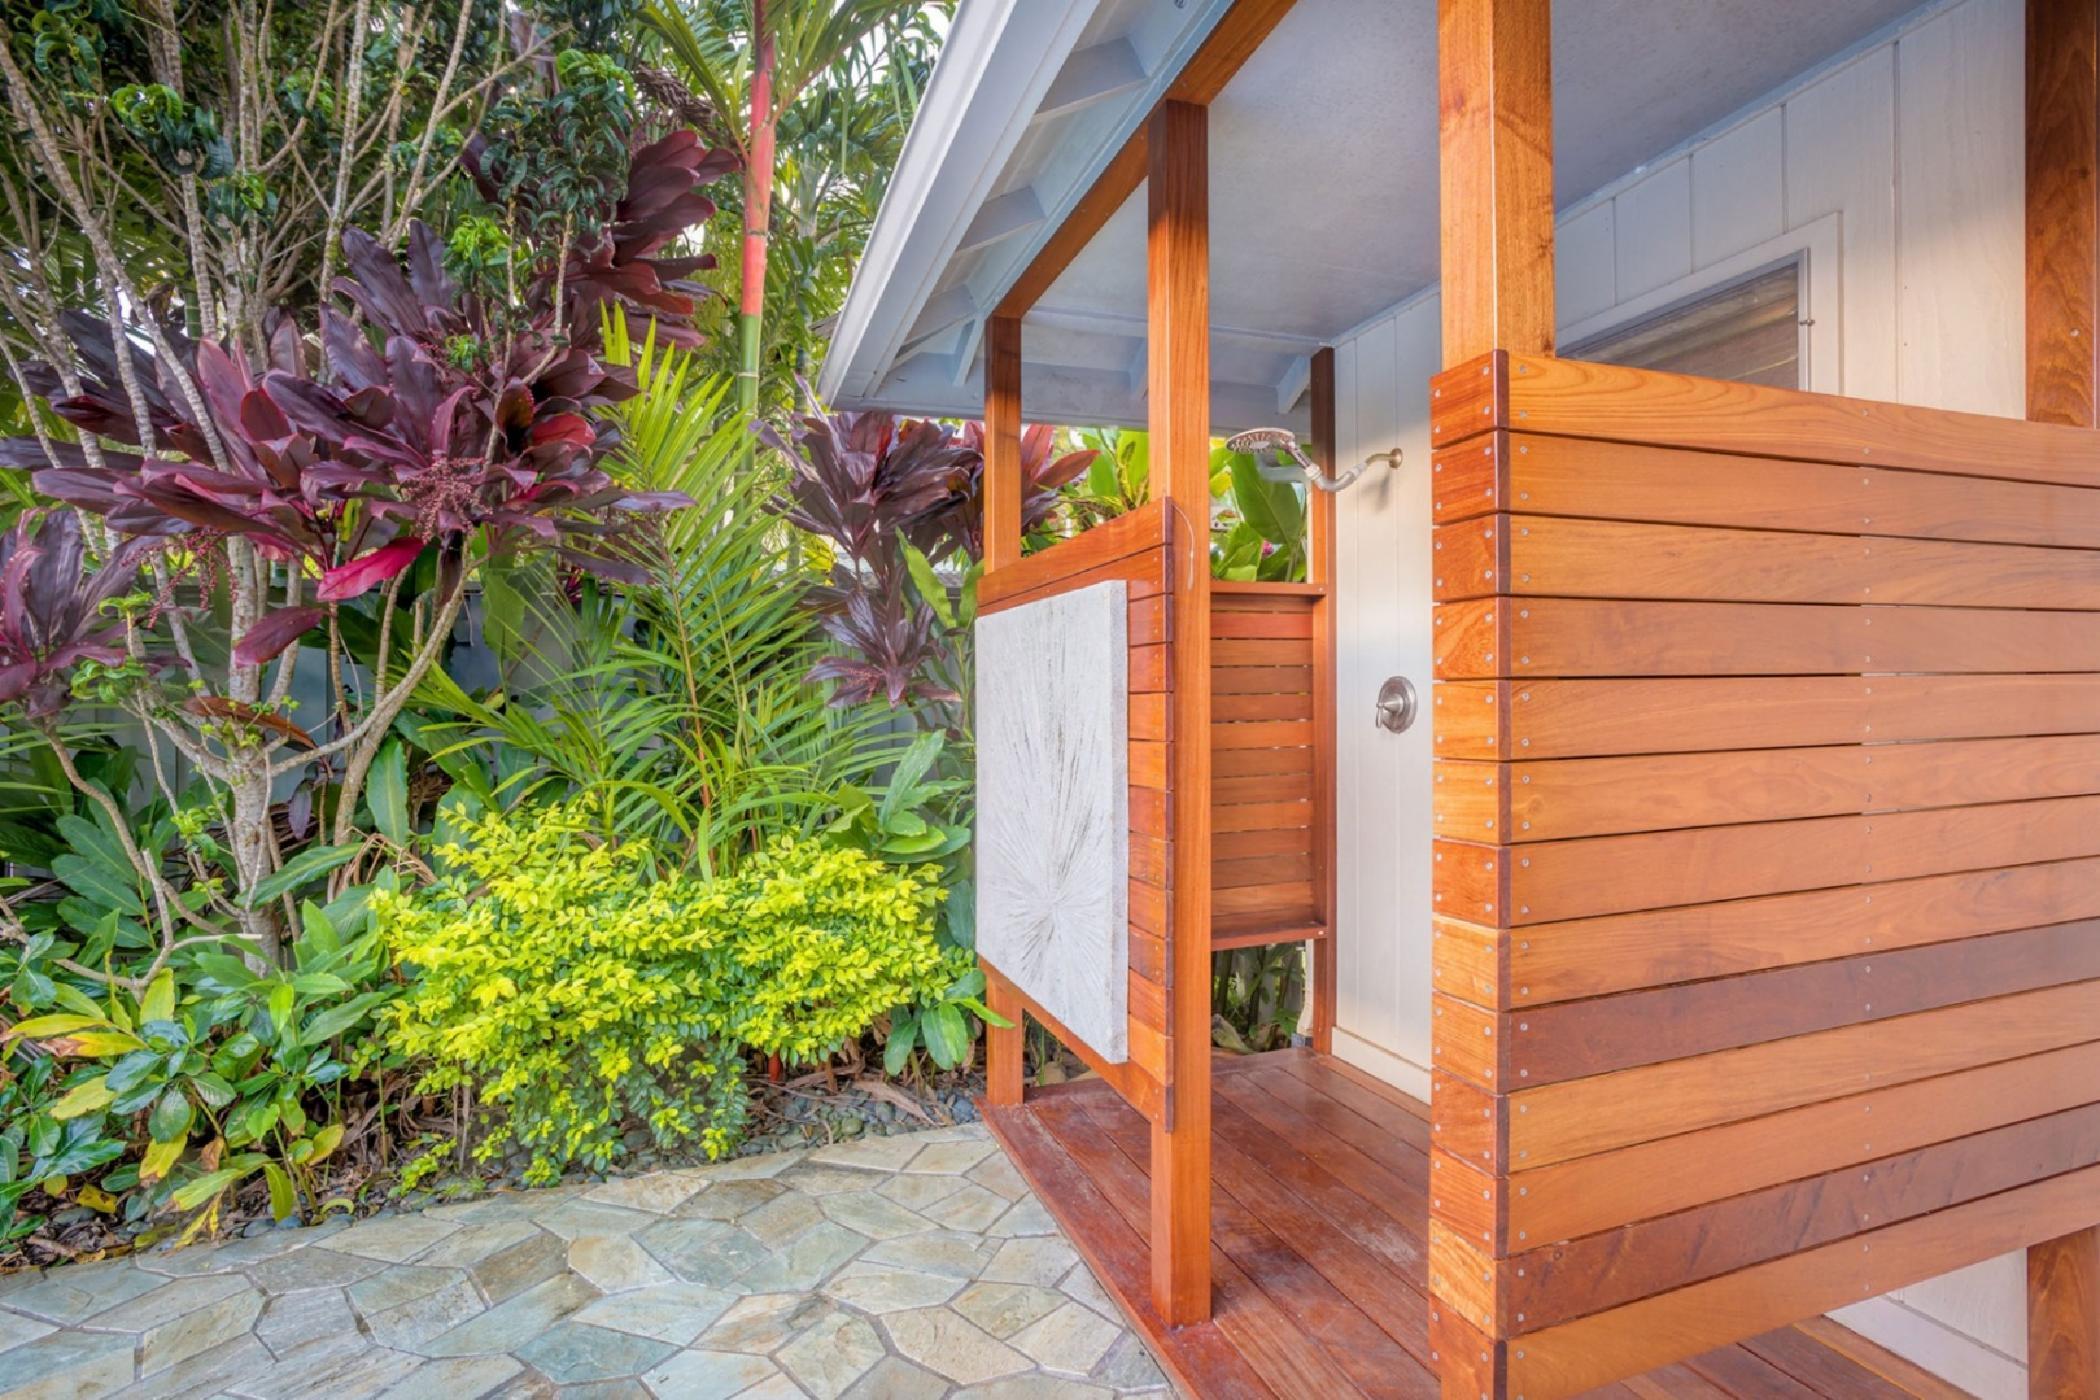 kaw-outdoor-shower.jpeg